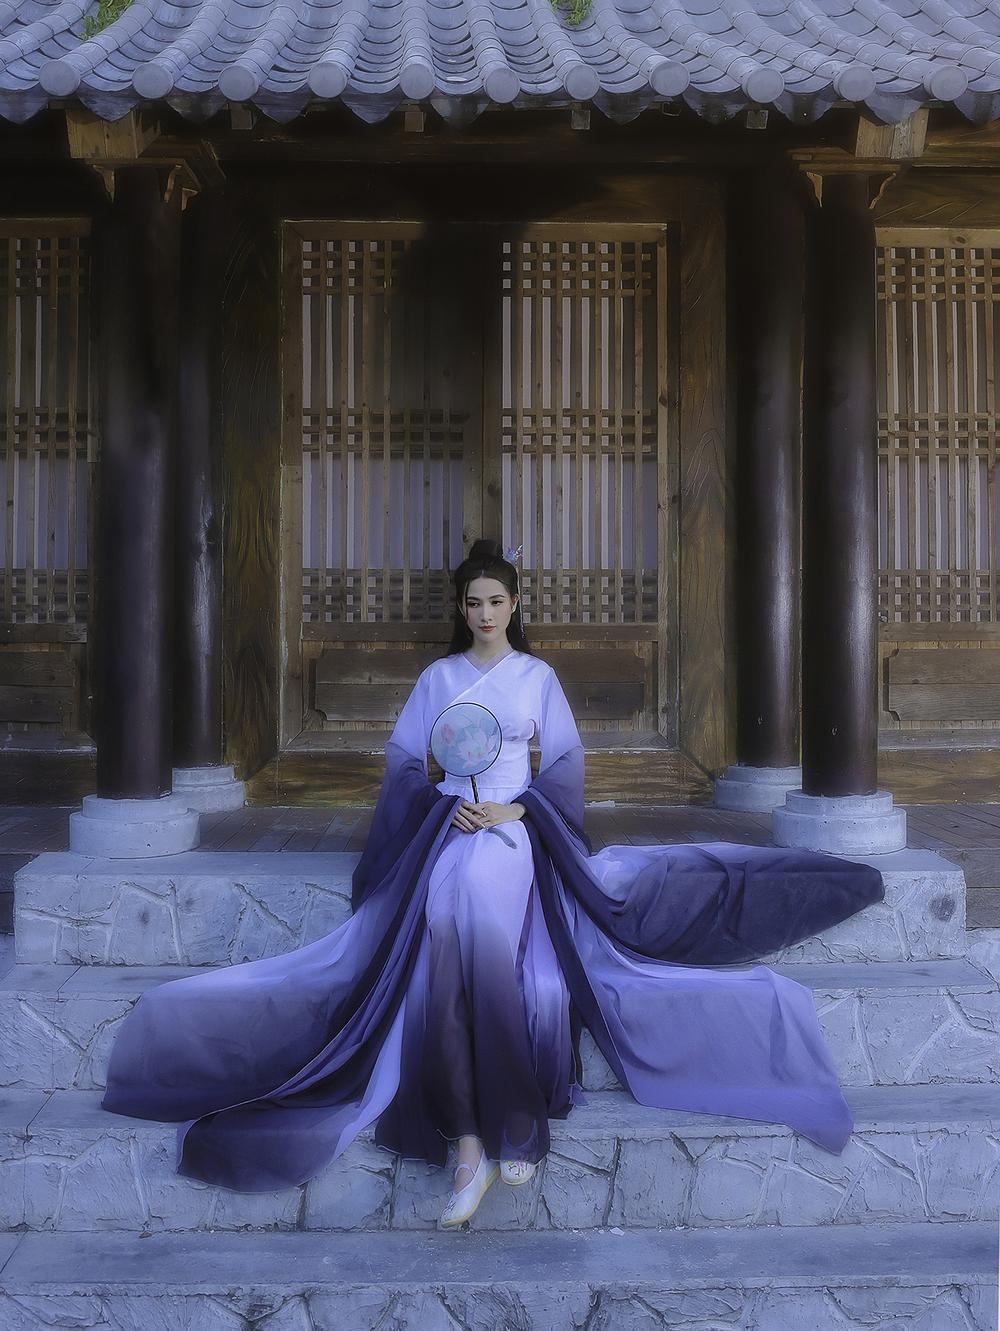 Phan Thị Mơ hóa tiên nữ, hững hờ thềm ngực quyến rũ mê hồn Ảnh 3